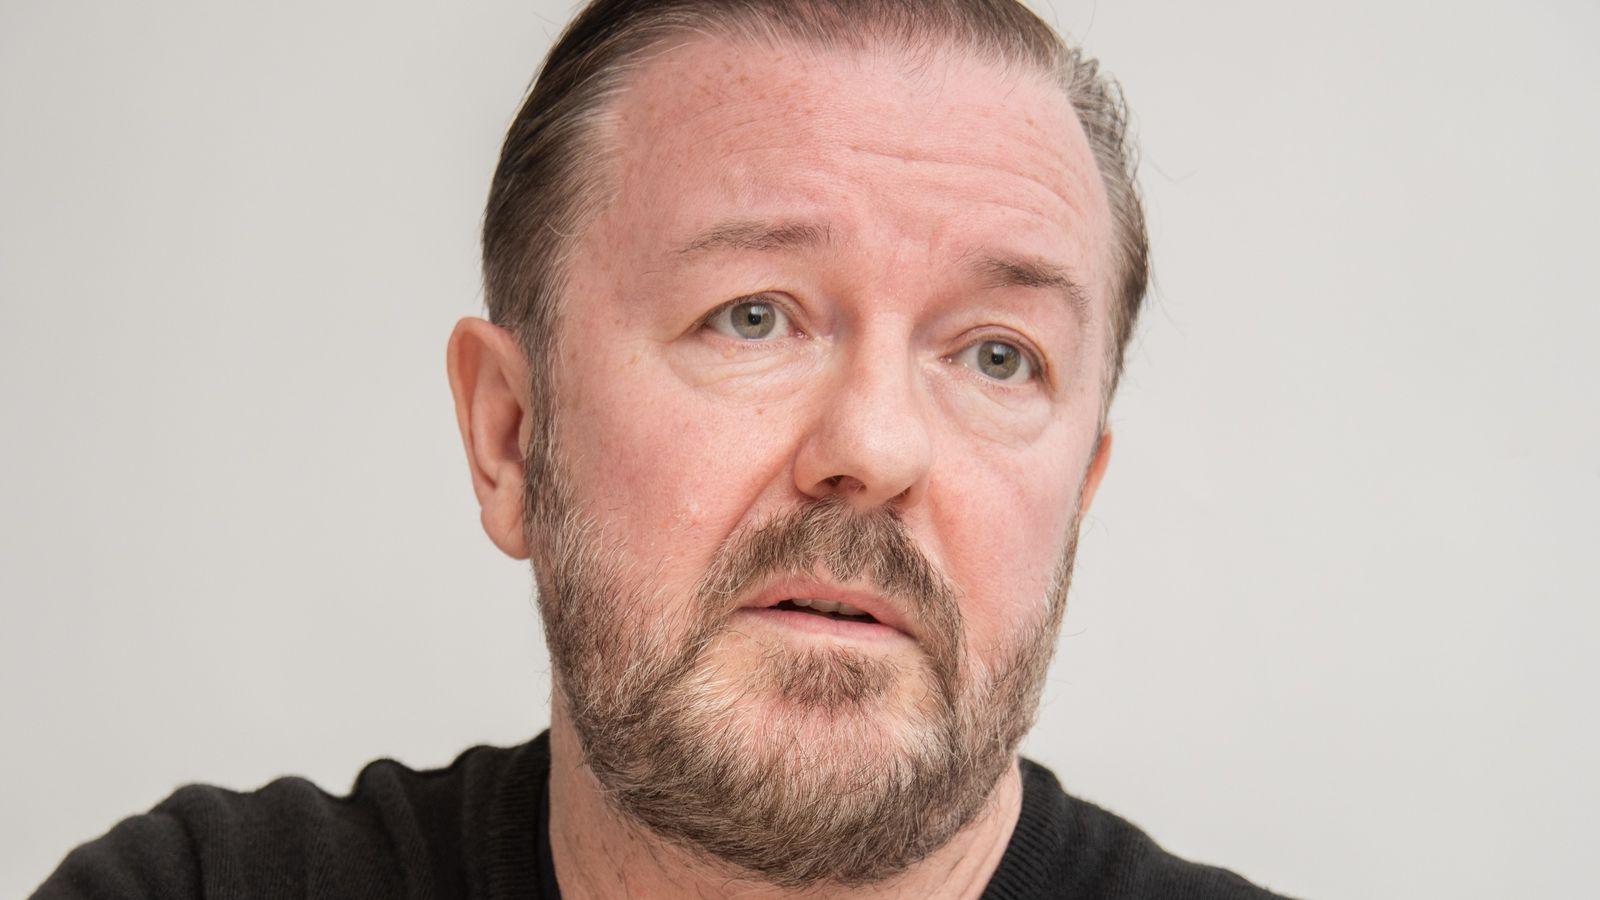 Komediani britanik: S'dua të dëgjoj më ankesa nga njerëz që janë izoluar në vila me pishina